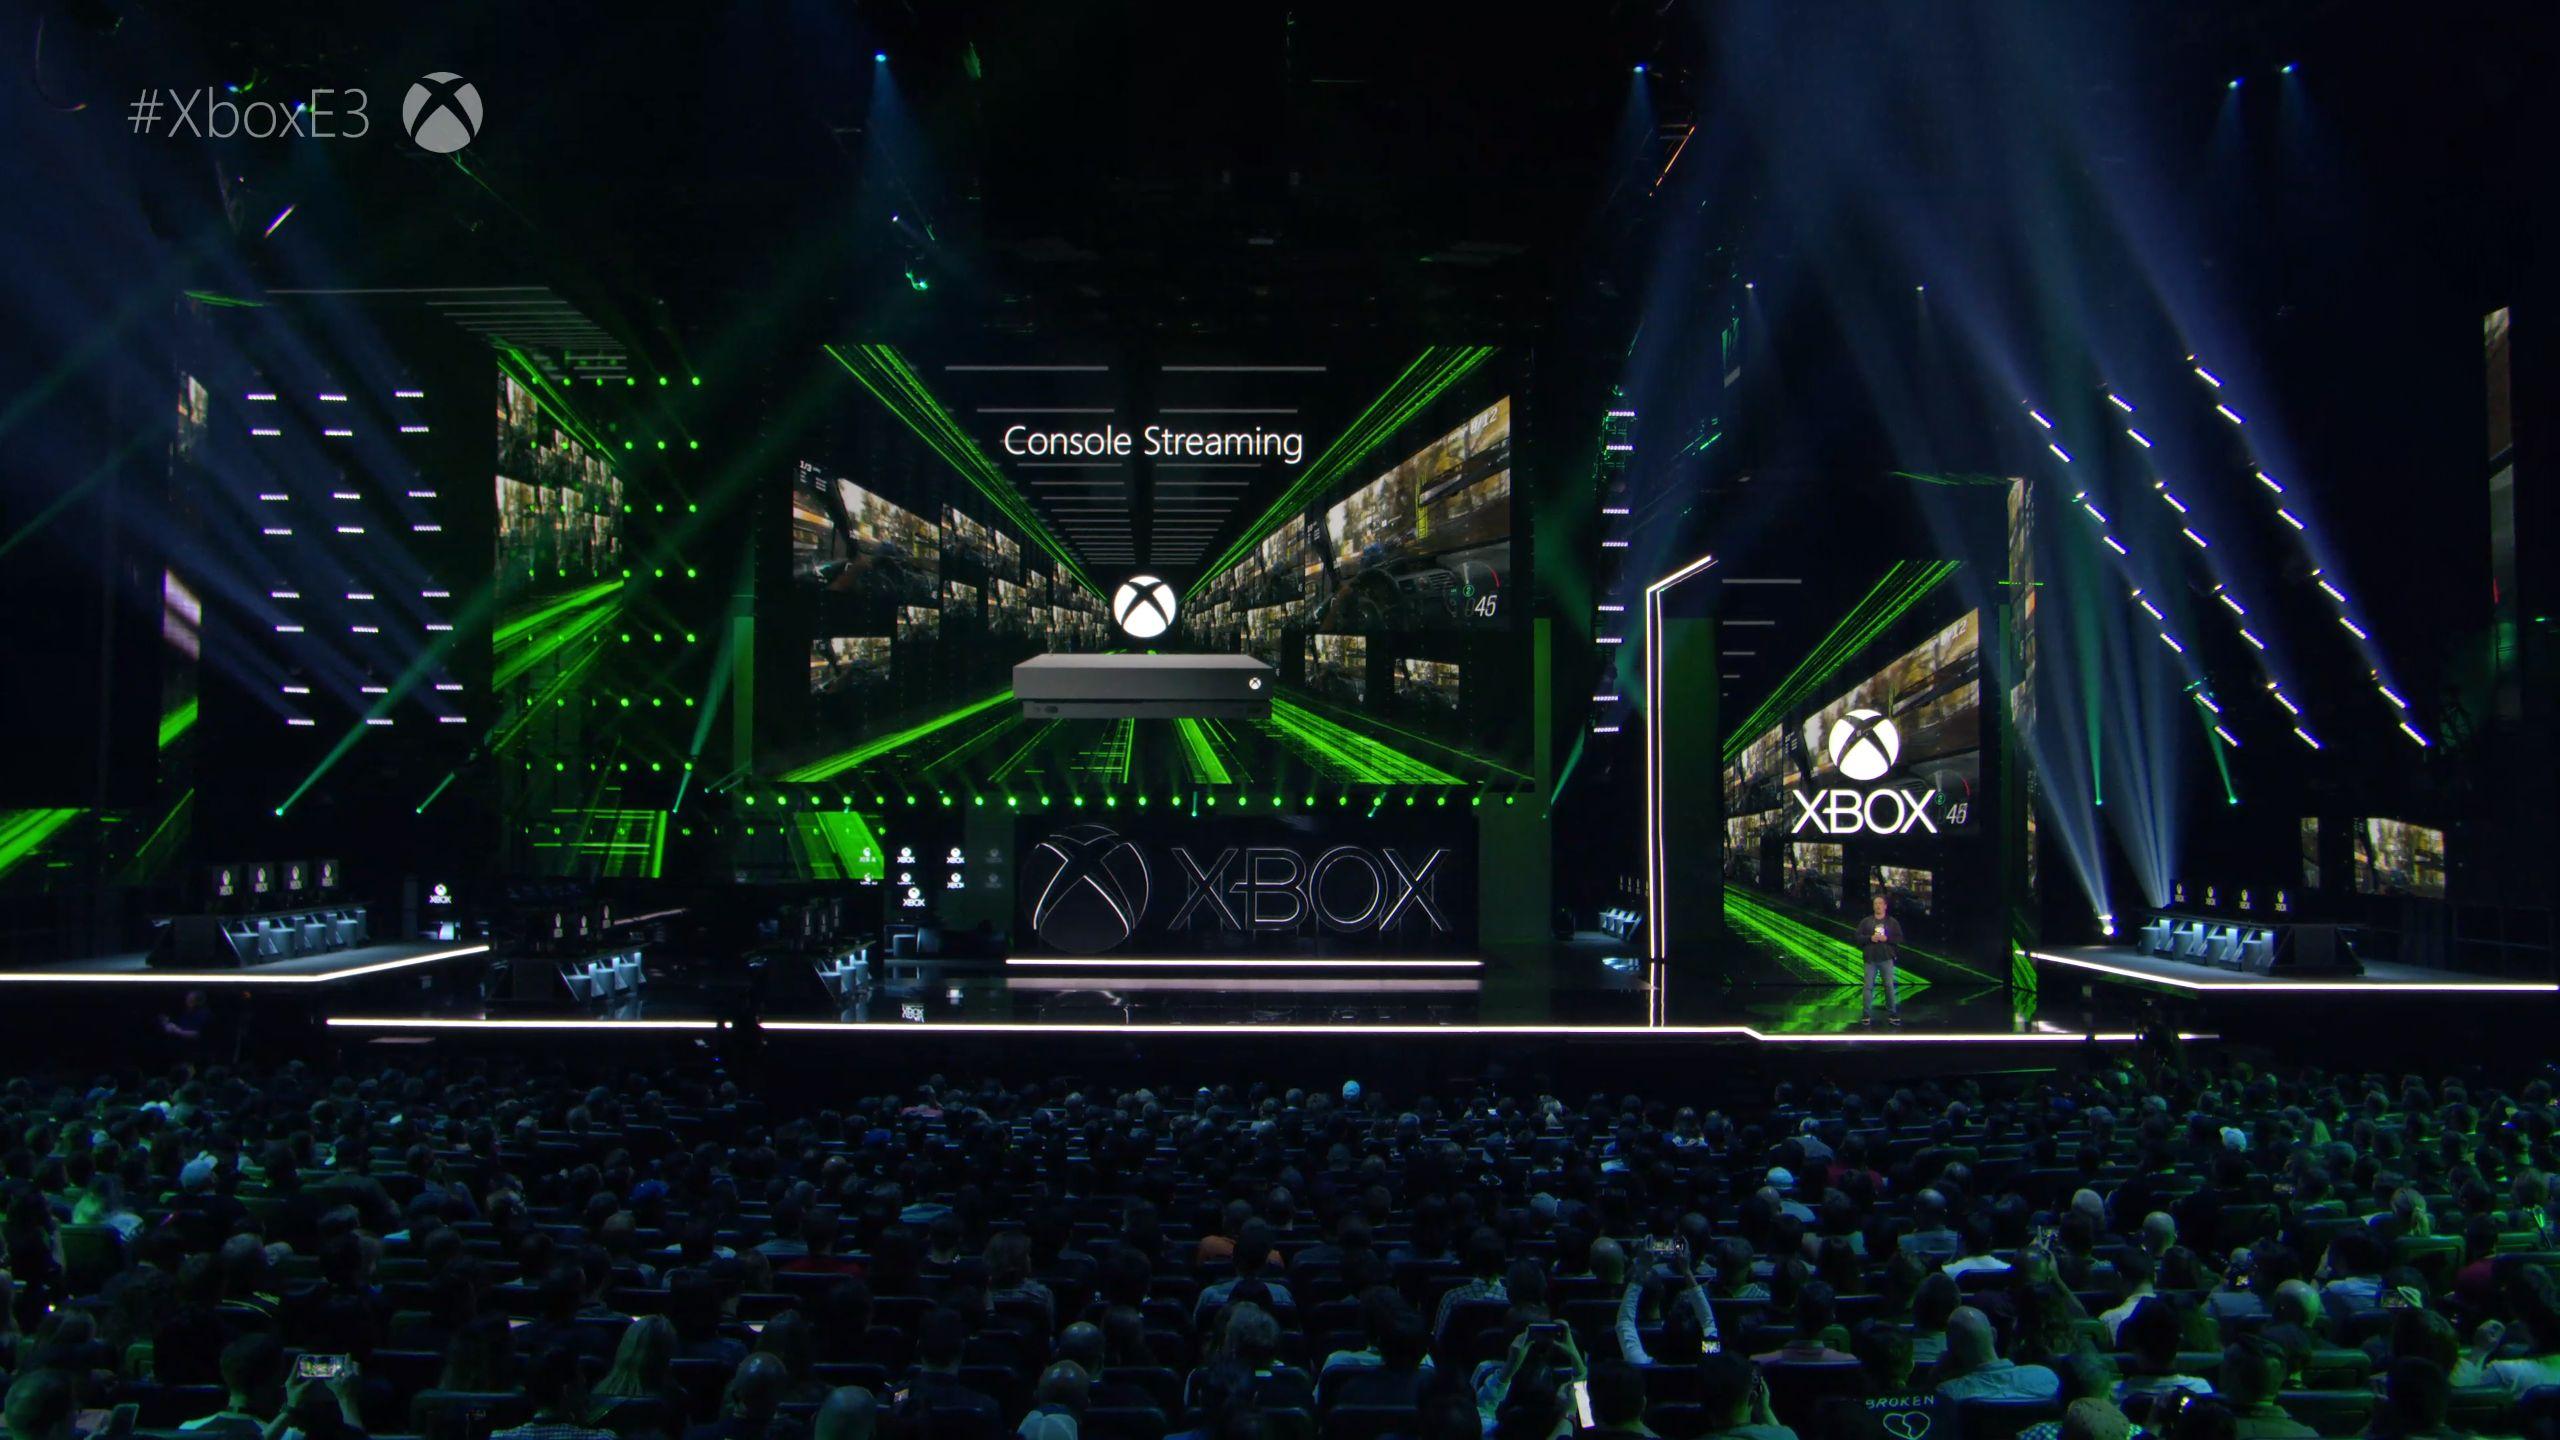 Podsumowanie konferencji Microsoftu na E3 - dużo wszystkiego, mało szczegółów 20